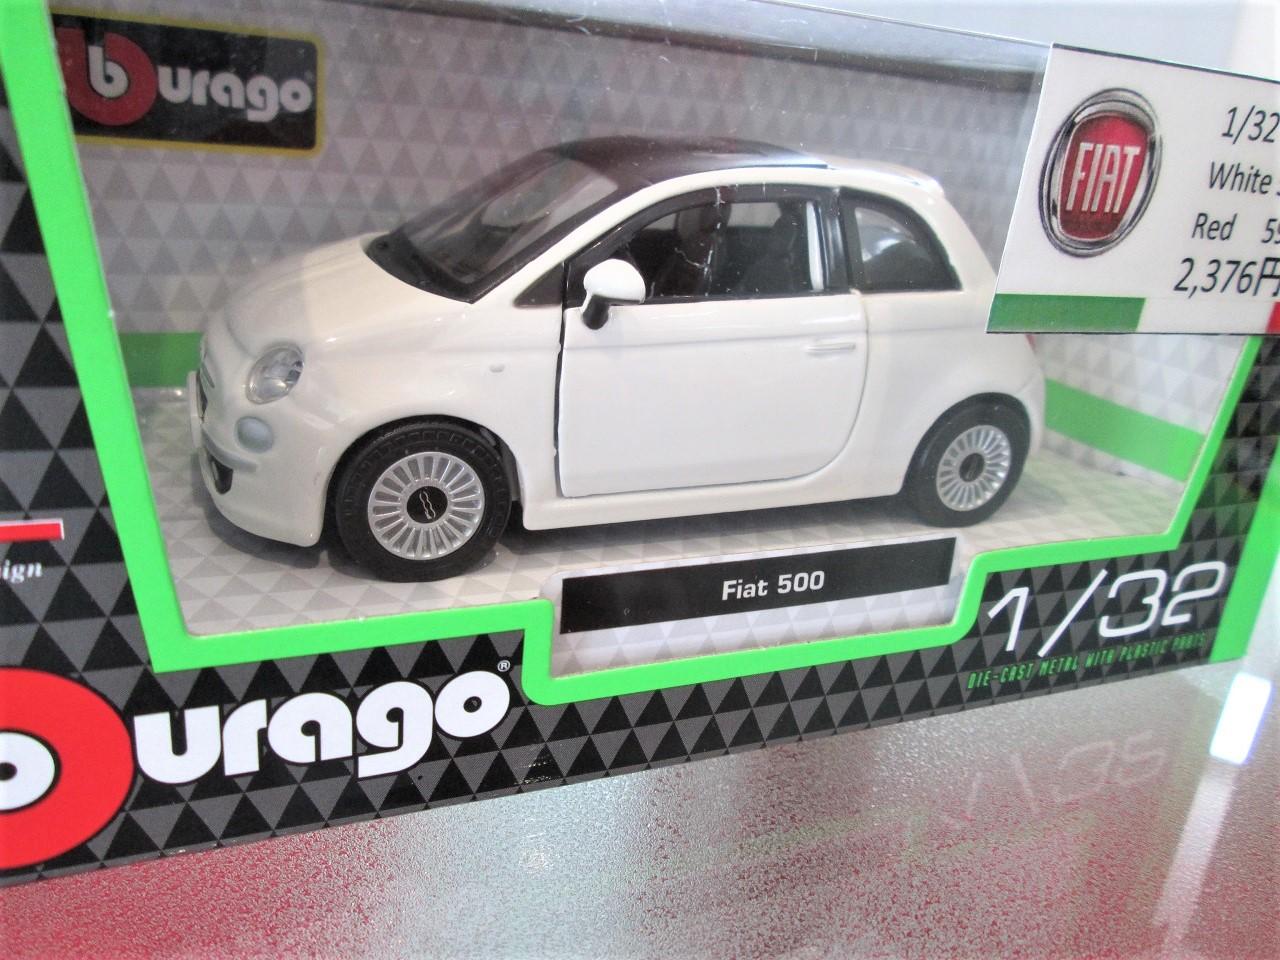 1/32 FIAT 500ミニチュアカー